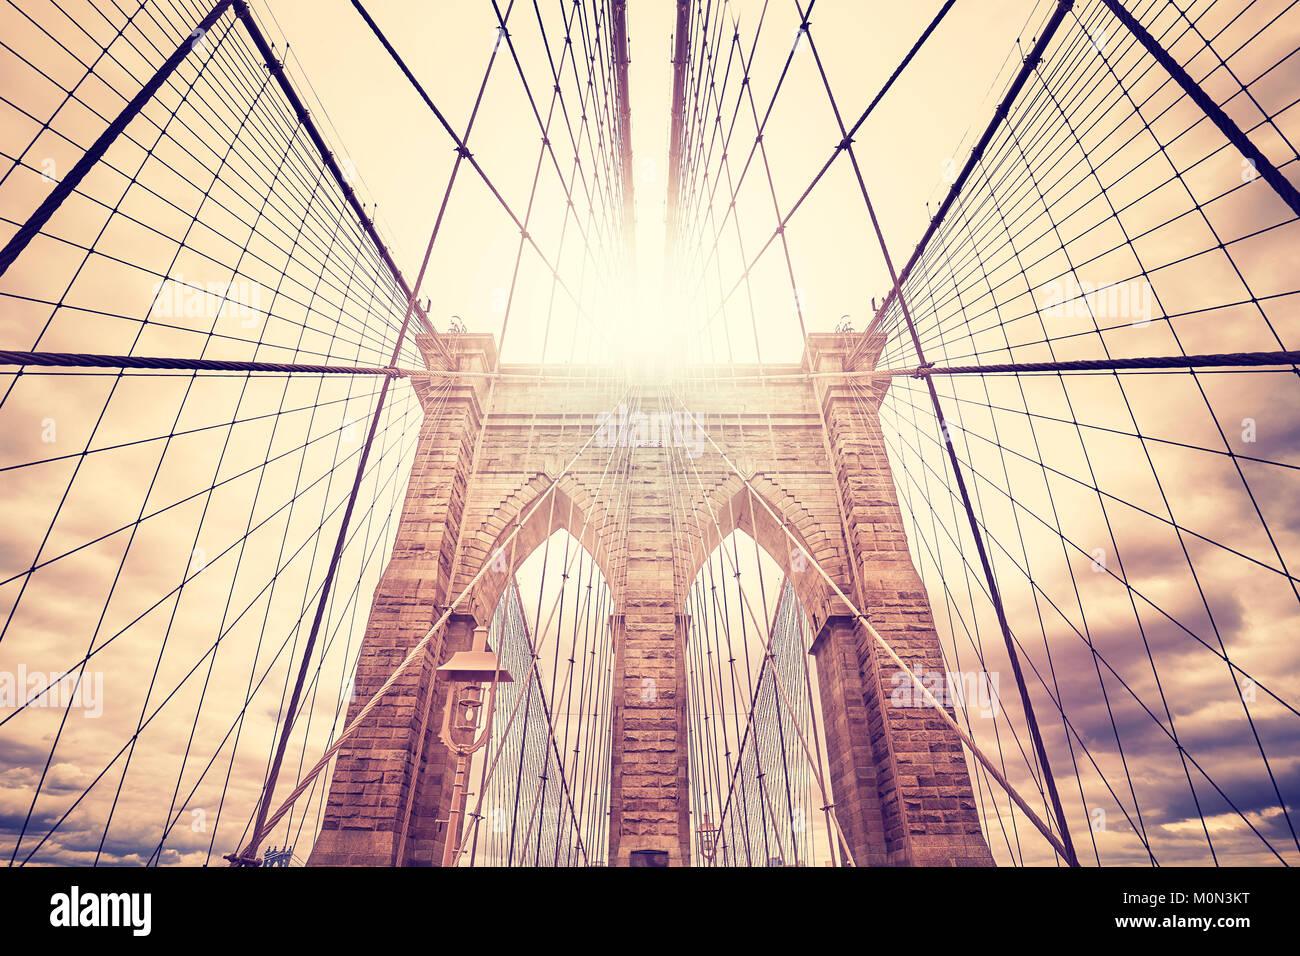 Amplio ángulo de imagen del Puente de Brooklyn al atardecer, en tonos de color de la imagen, USA. Imagen De Stock